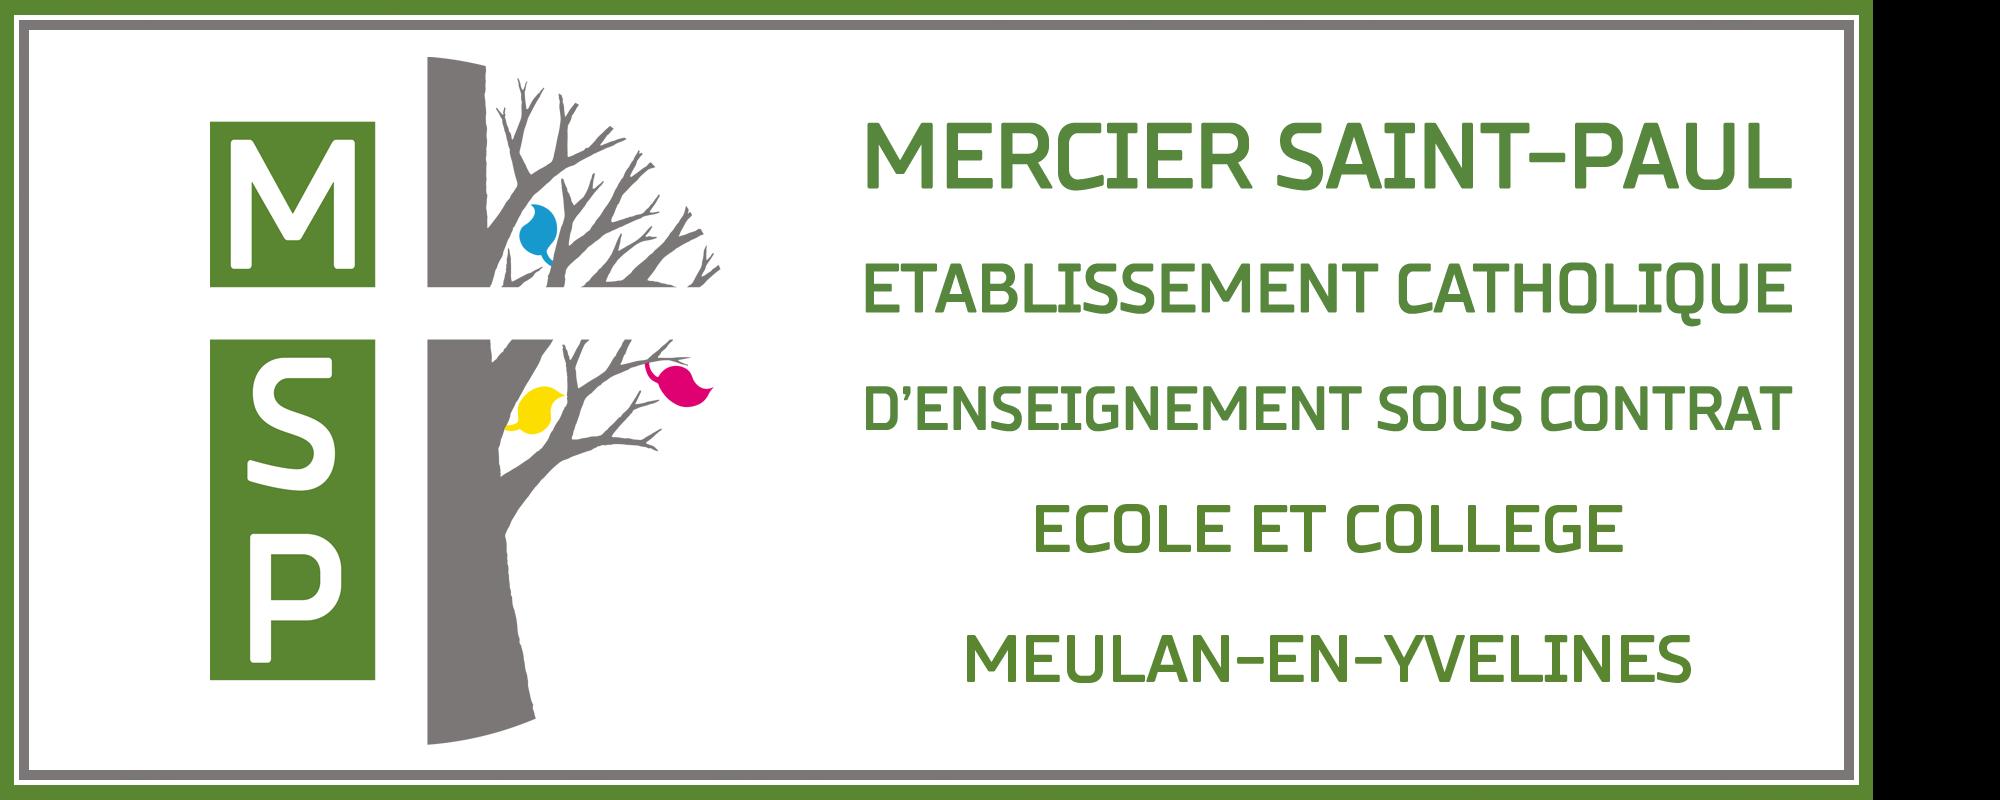 Ecole collège Mercier Saint-Paul